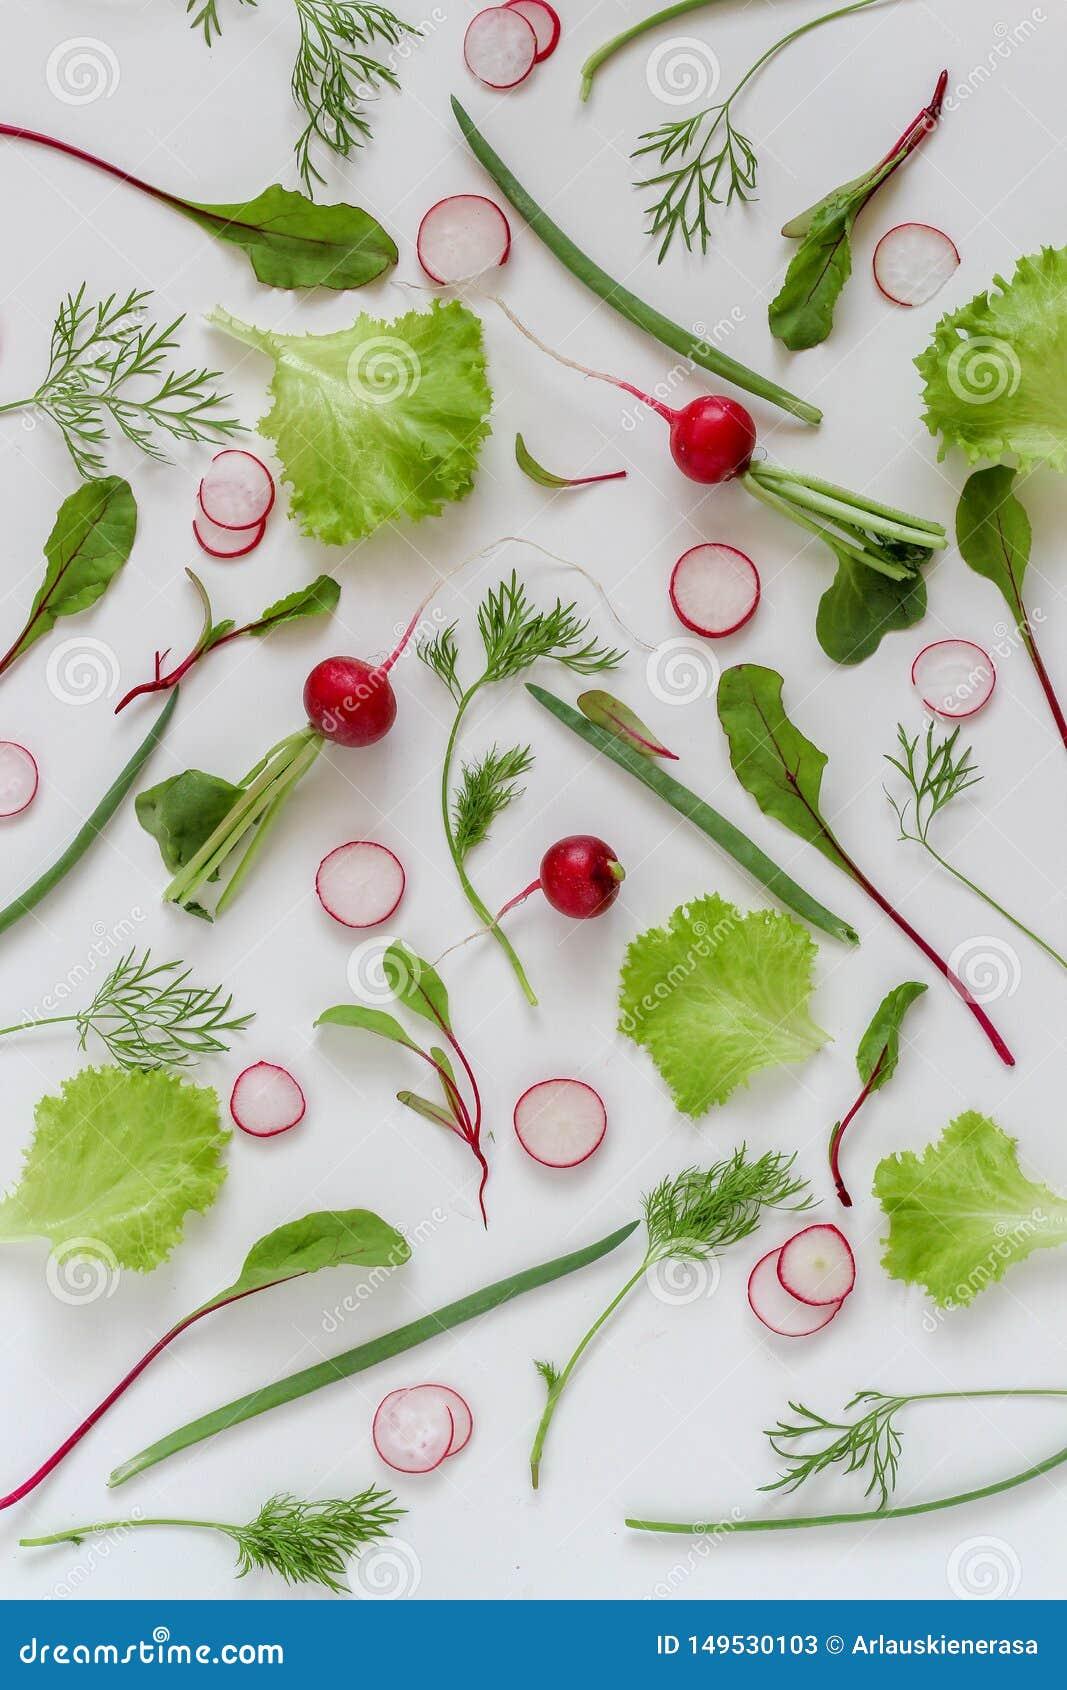 Το επίπεδο συστατικών σαλάτας βρέθηκε Οργανικά λαχανικά στο α σε ένα άσπρο υπόβαθρο